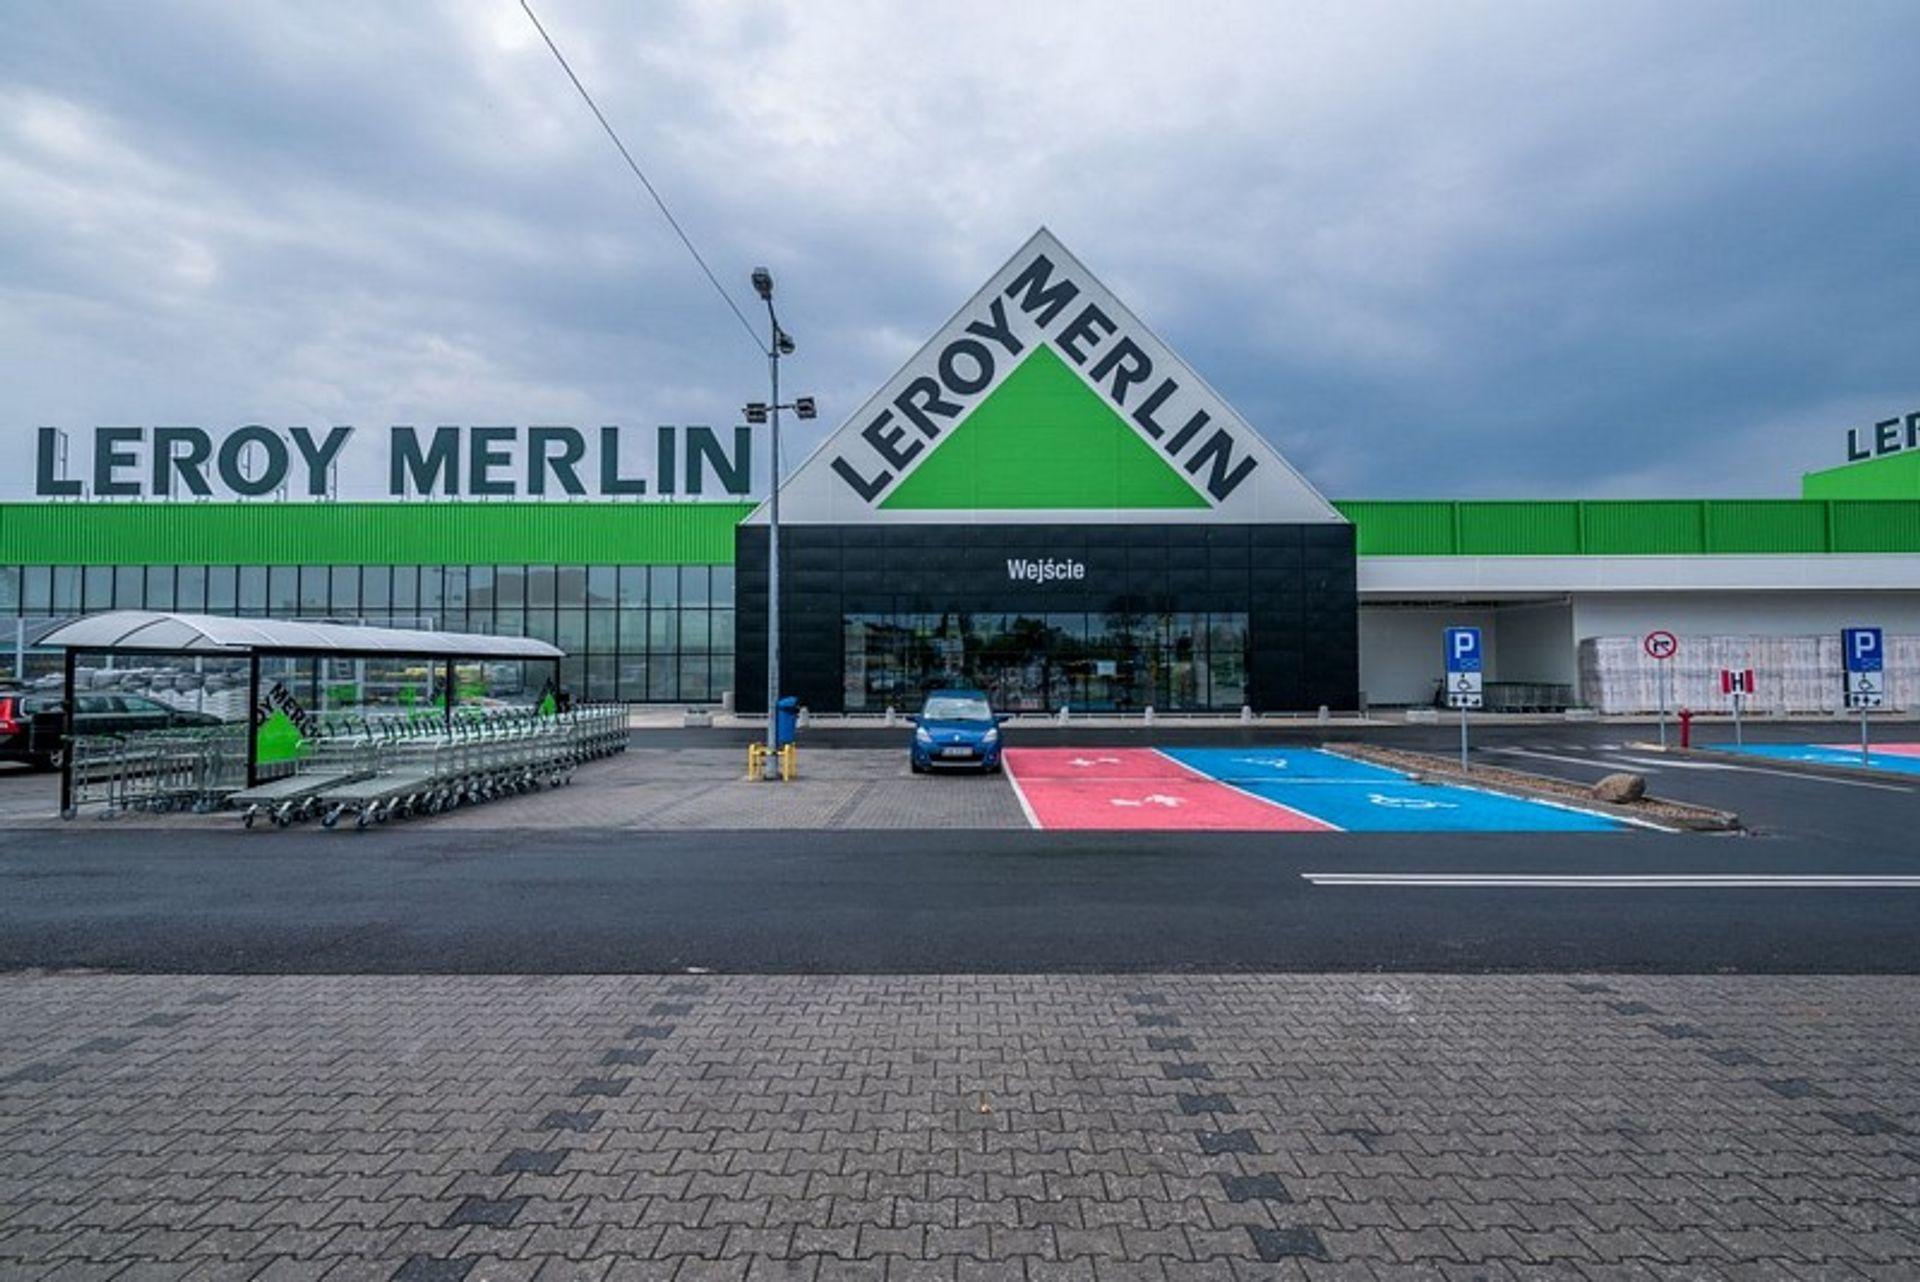 [Wrocław] W piątek otwarcie nowego sklepu Leroy Merlin [FOTO]